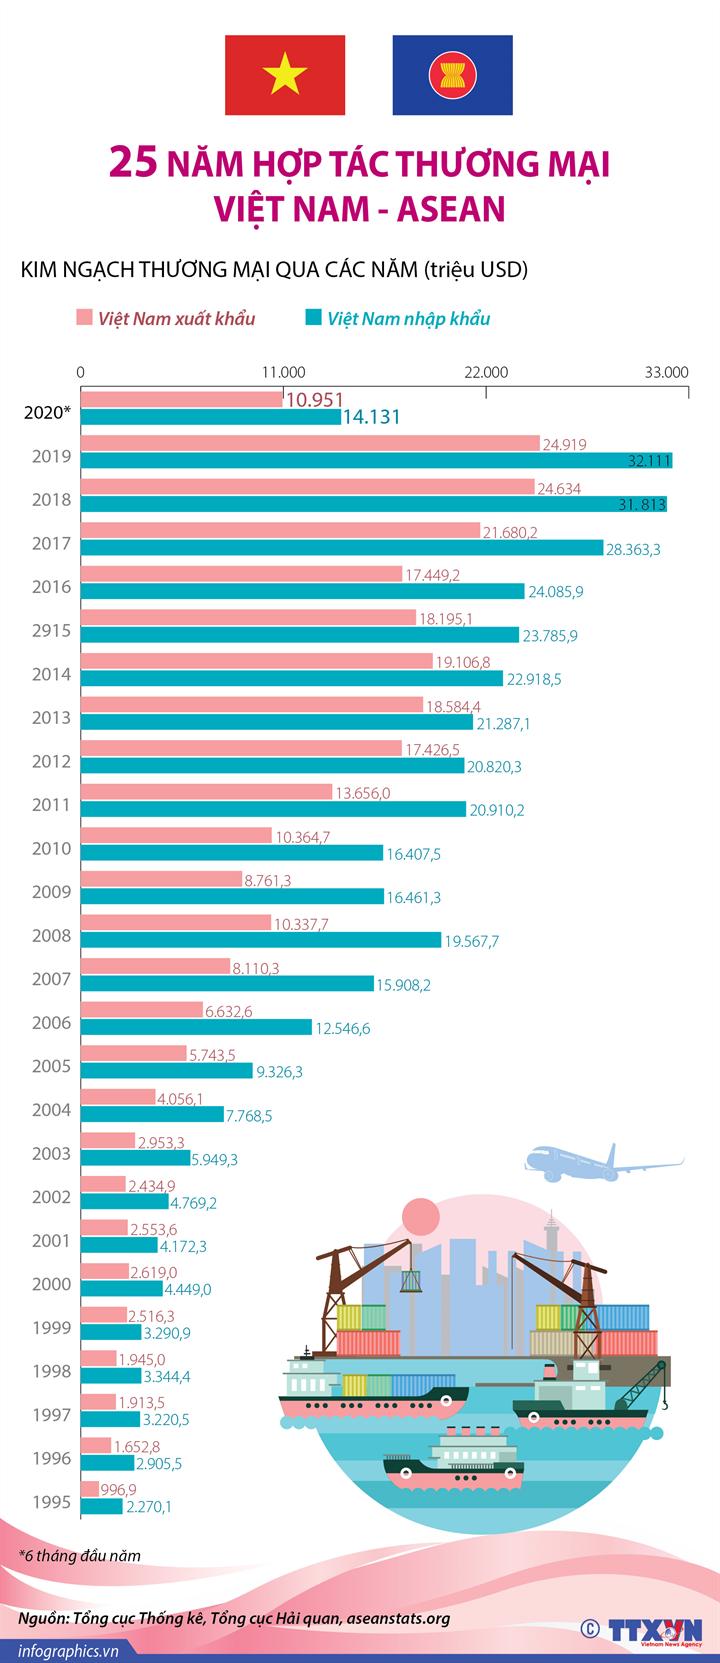 [Infographics] 25 năm hợp tác thương mại Việt Nam - ASEAN - Ảnh 1